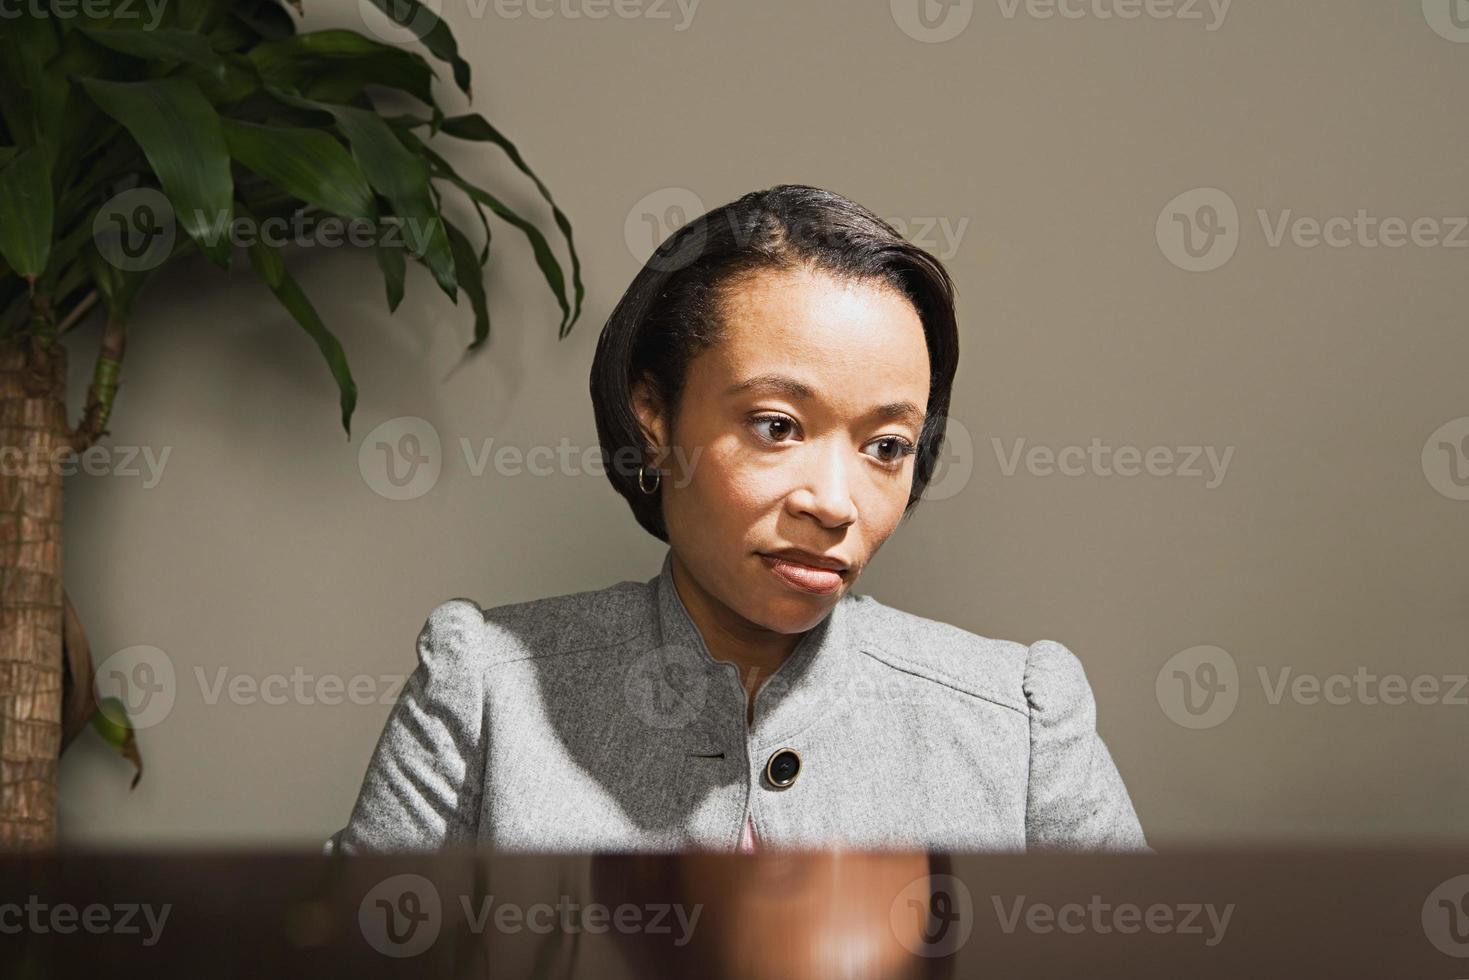 donna d'affari alla ricerca preoccupata foto